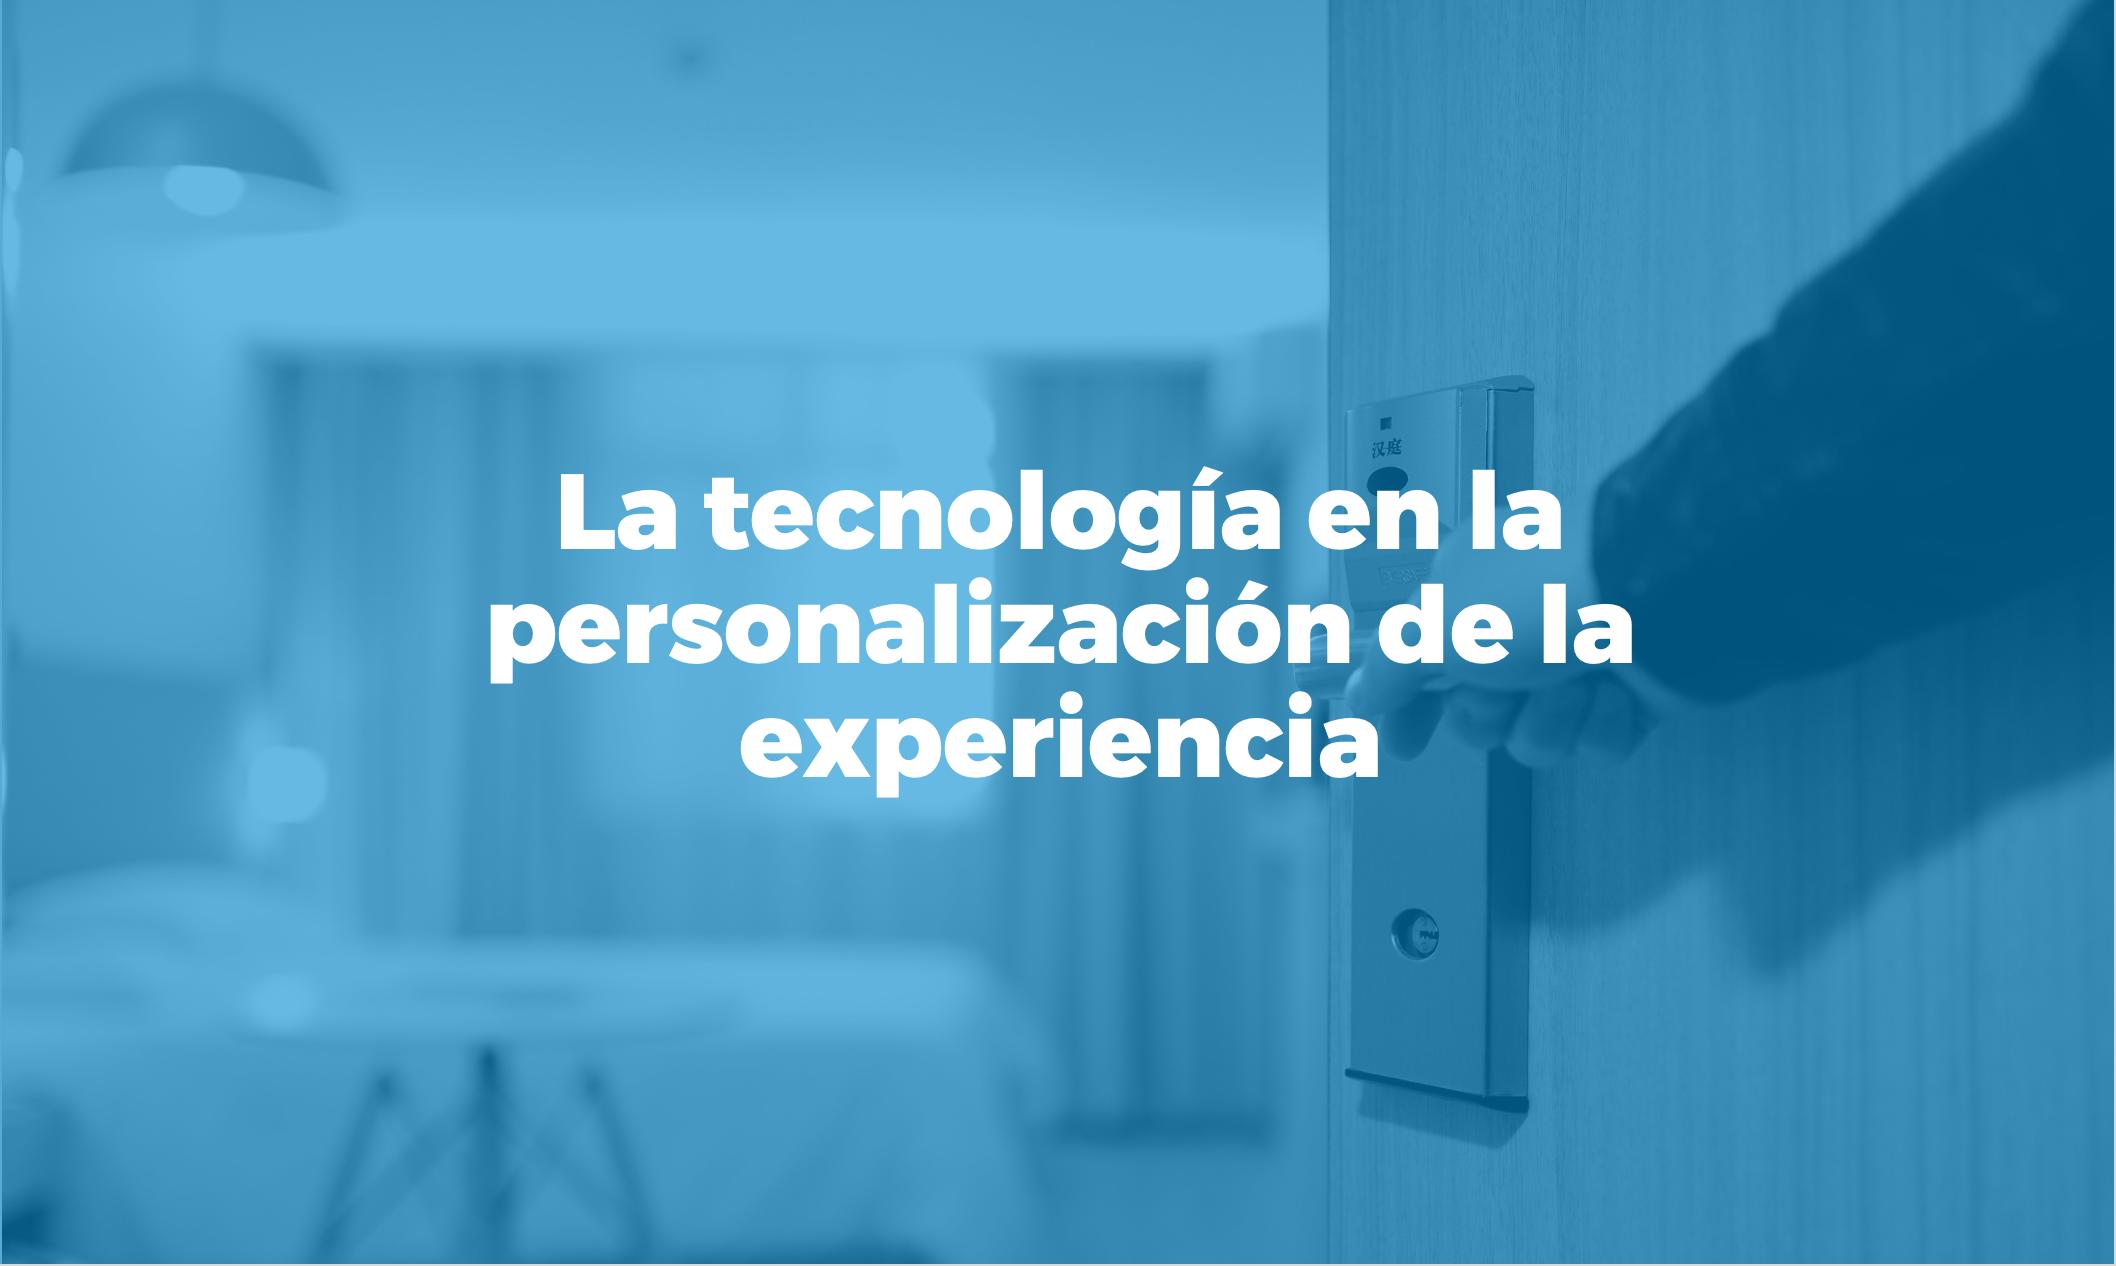 Bismart El potencial de la tecnología para mejorar la experiencia en el sector hotelero